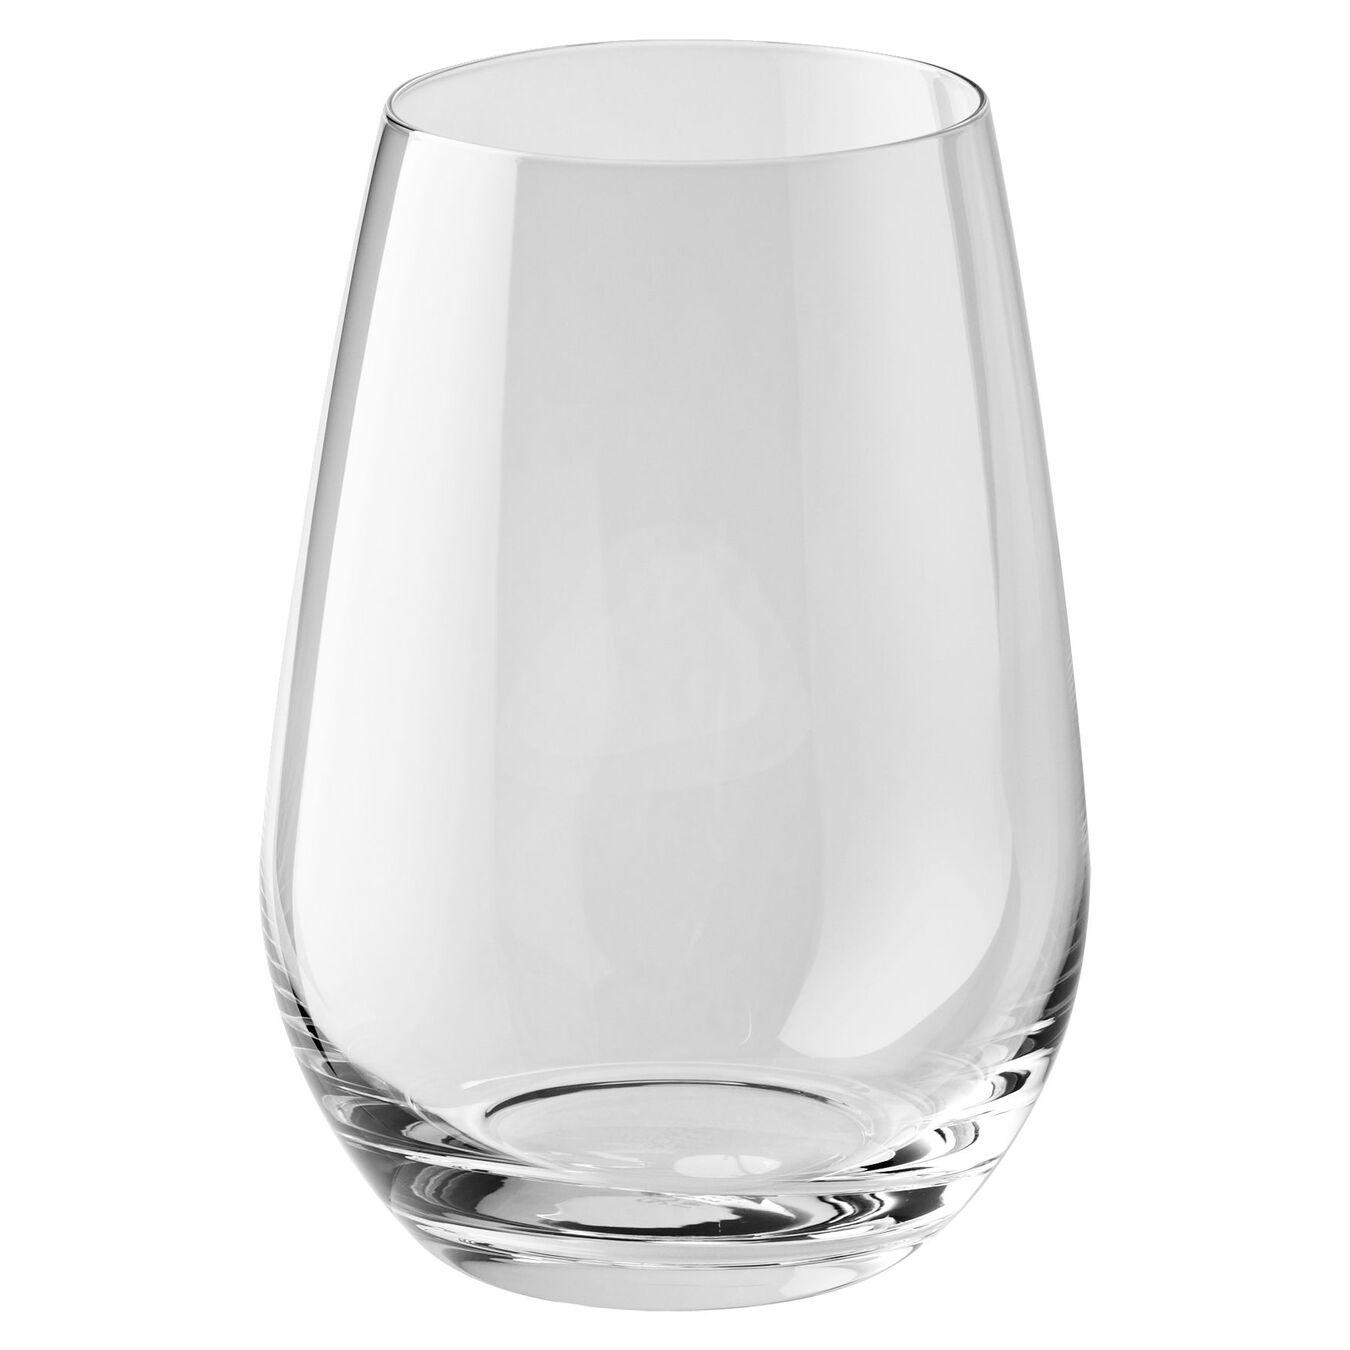 Bicchiere da cocktail - 570 ml, vetro borosilicato,,large 1